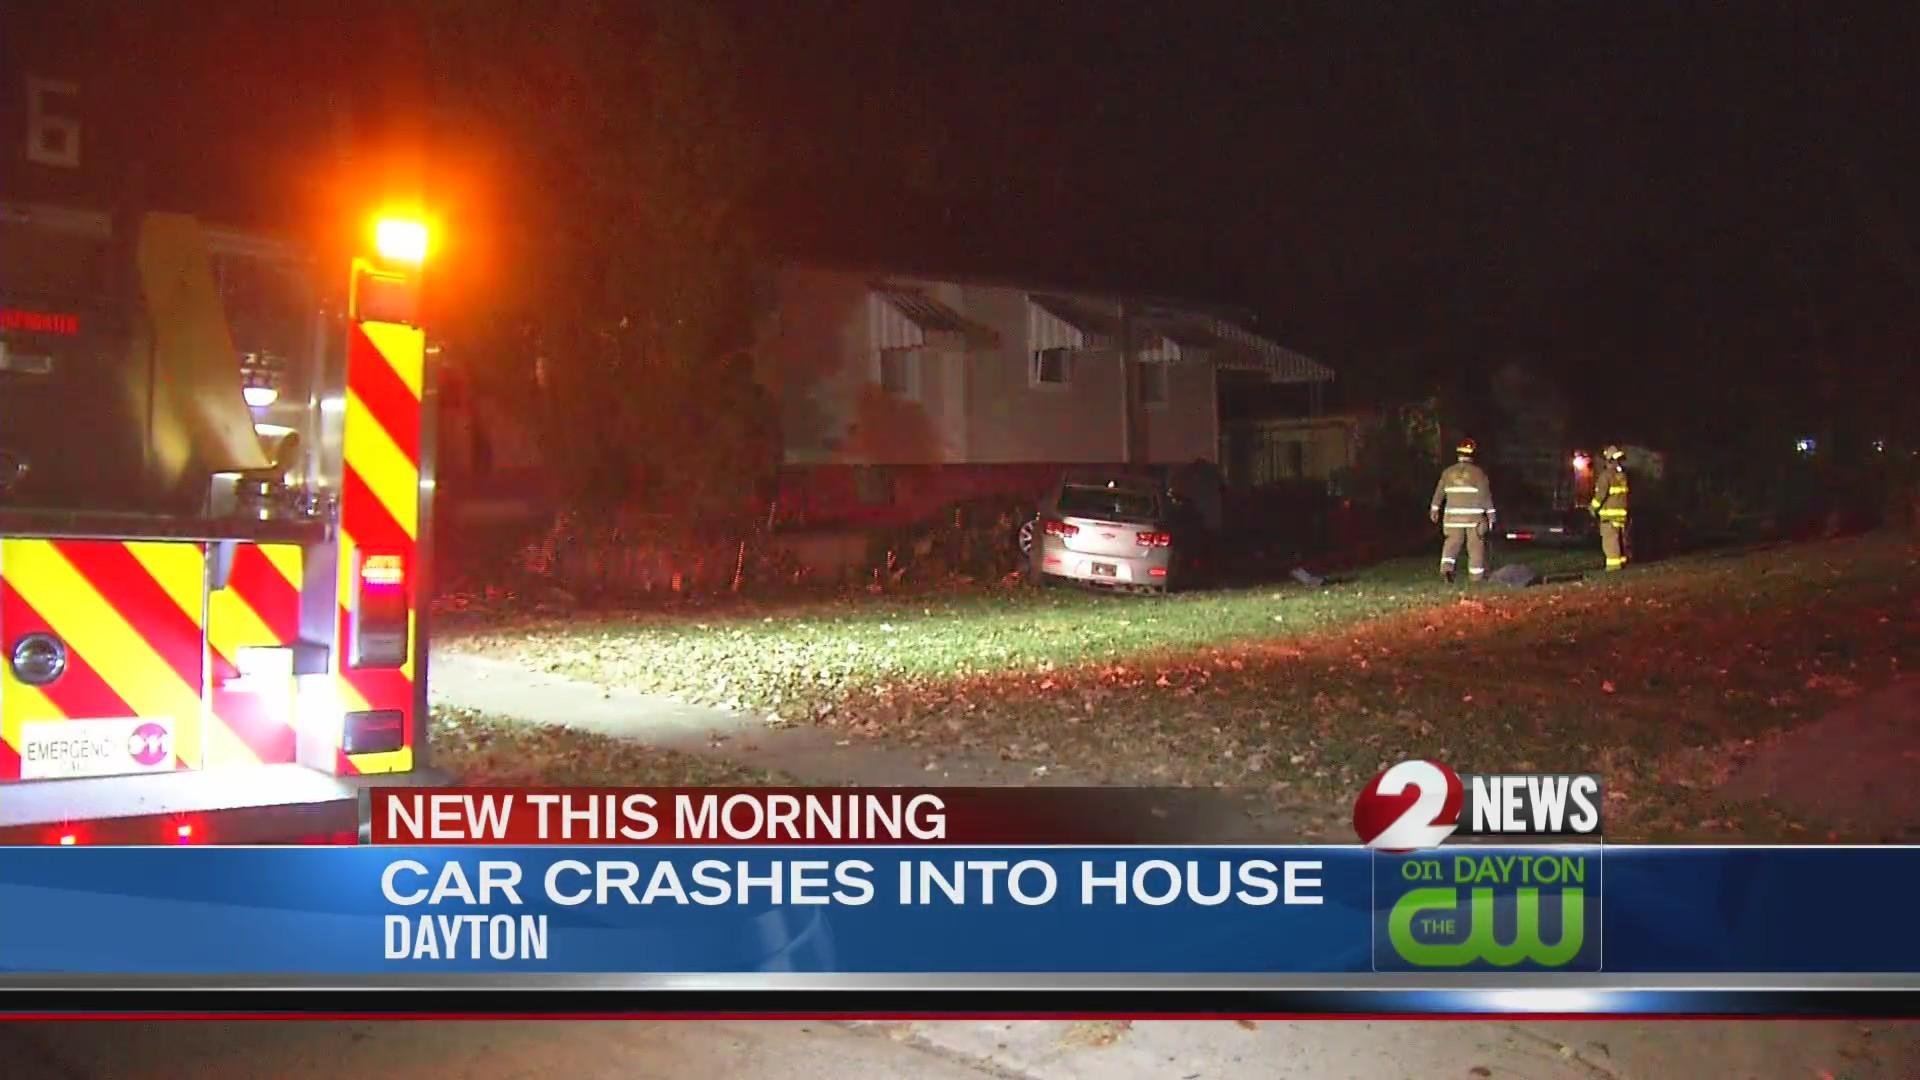 Car crashes into Dayton home